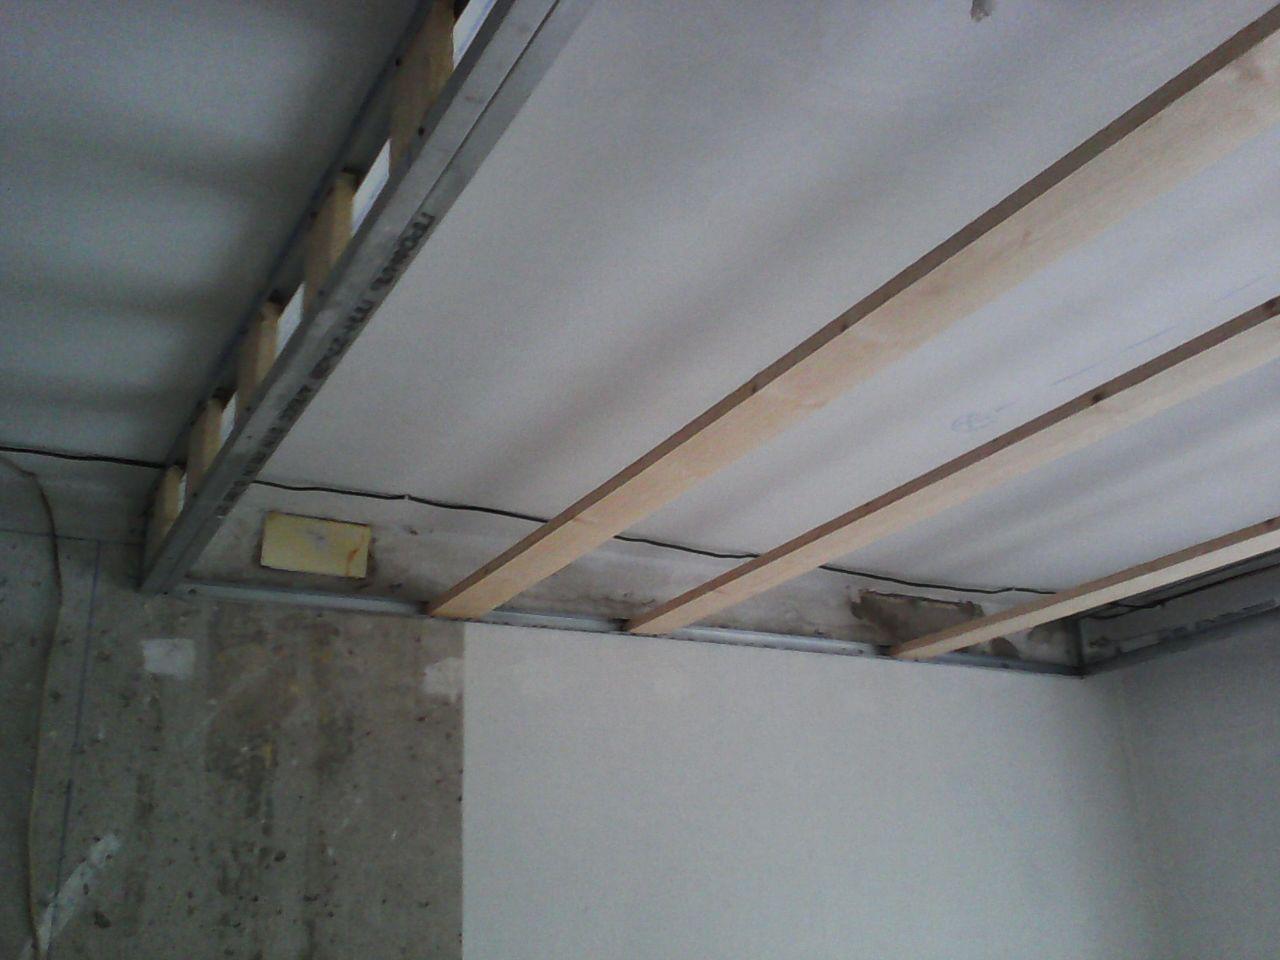 В каркас из металопрофиля пришлось помещать деревянные доски,для крепления панелей МДФ с помощью кляммеров. ремонт, рукожопие, японский стиль